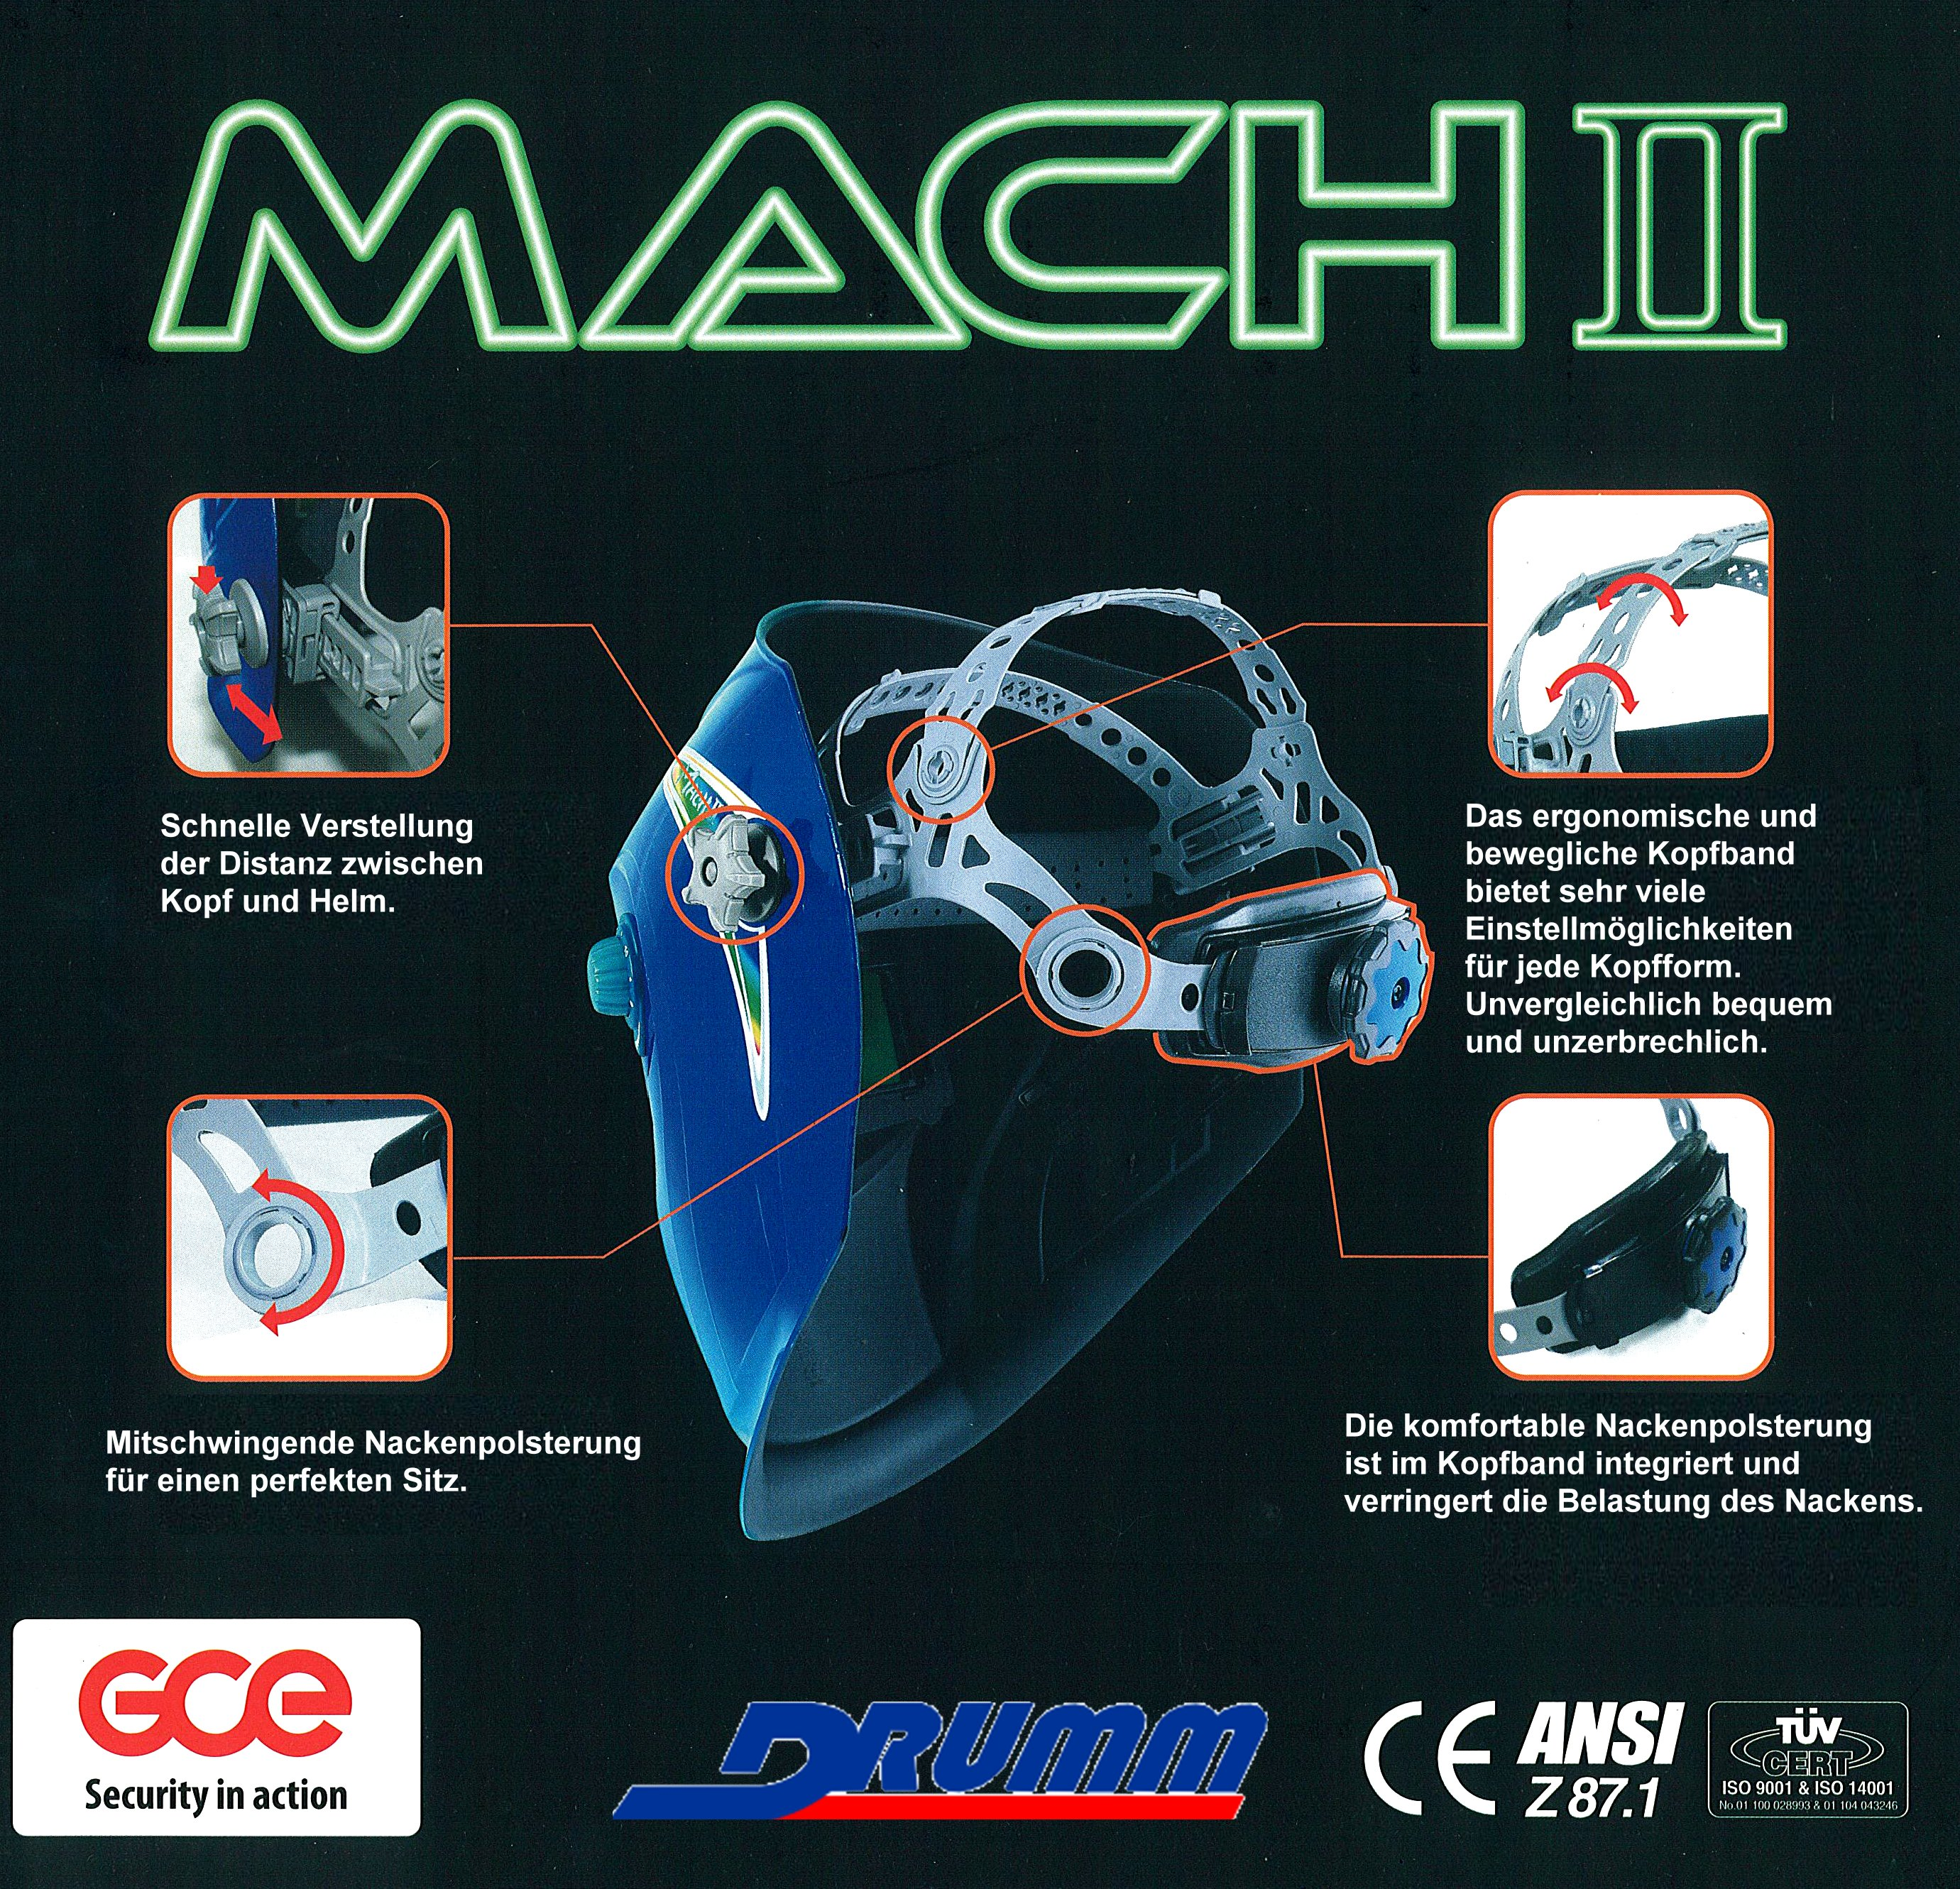 Kopfband Komplett für MACH I, II und III (neue Ausführung)